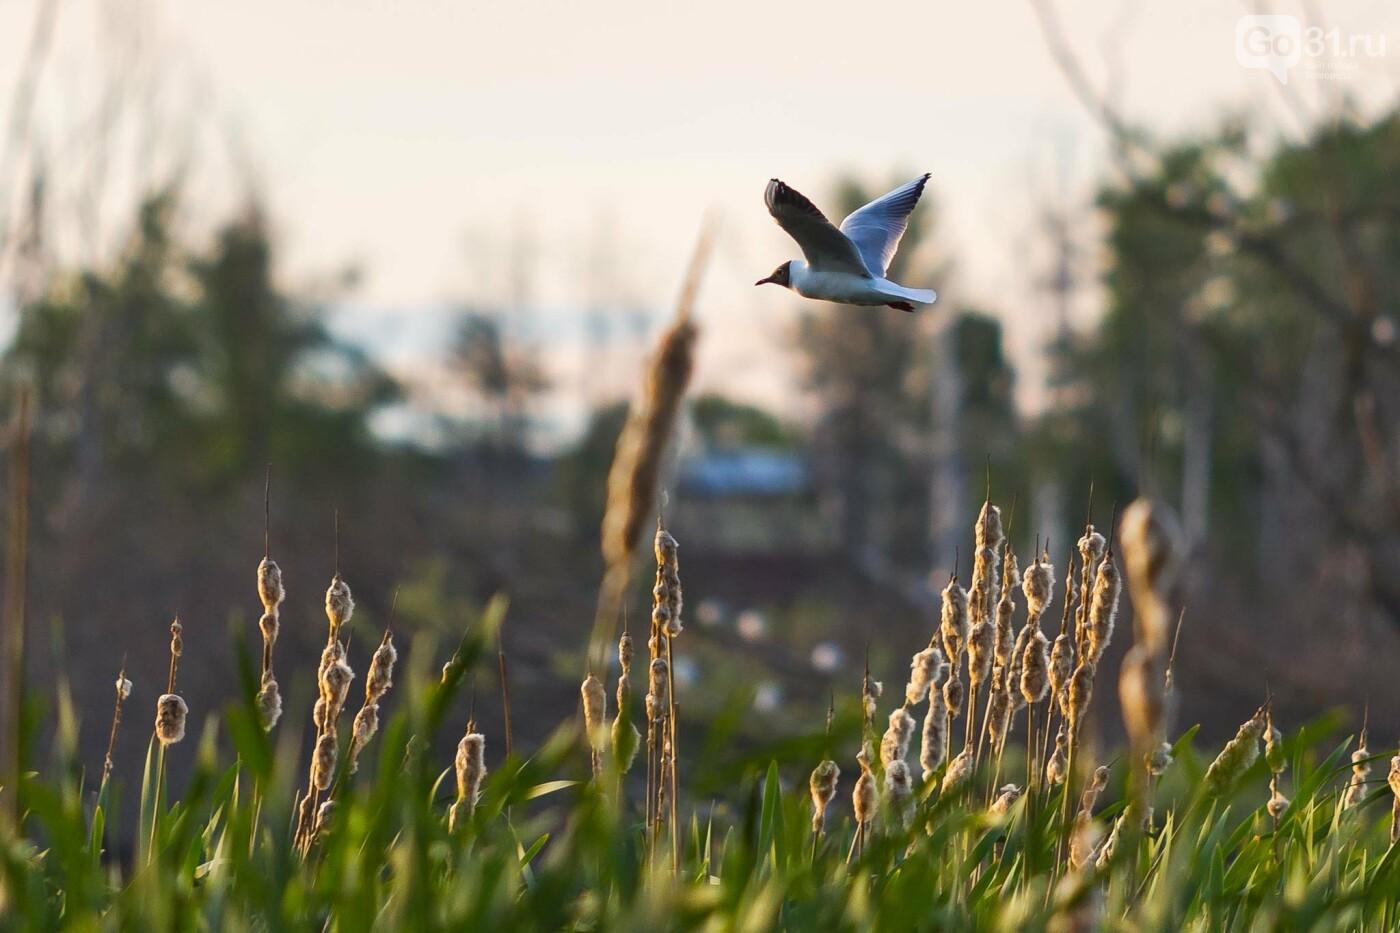 Пролетая над озером. В Белгороде чайки выбрали удобное место обитания, фото-27, Фото: Антон Вергун